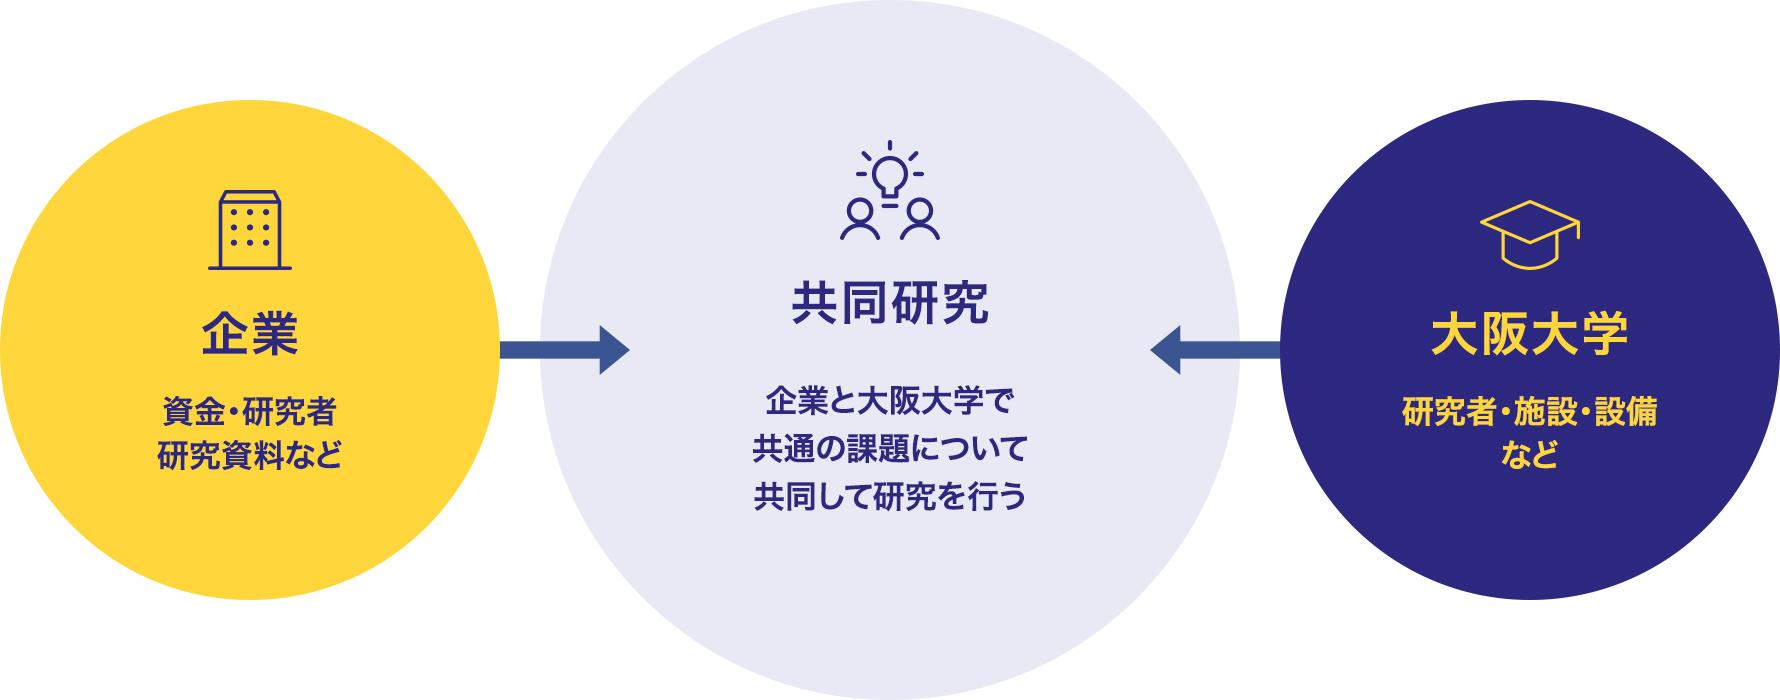 共同研究 | 大阪大学共創機構